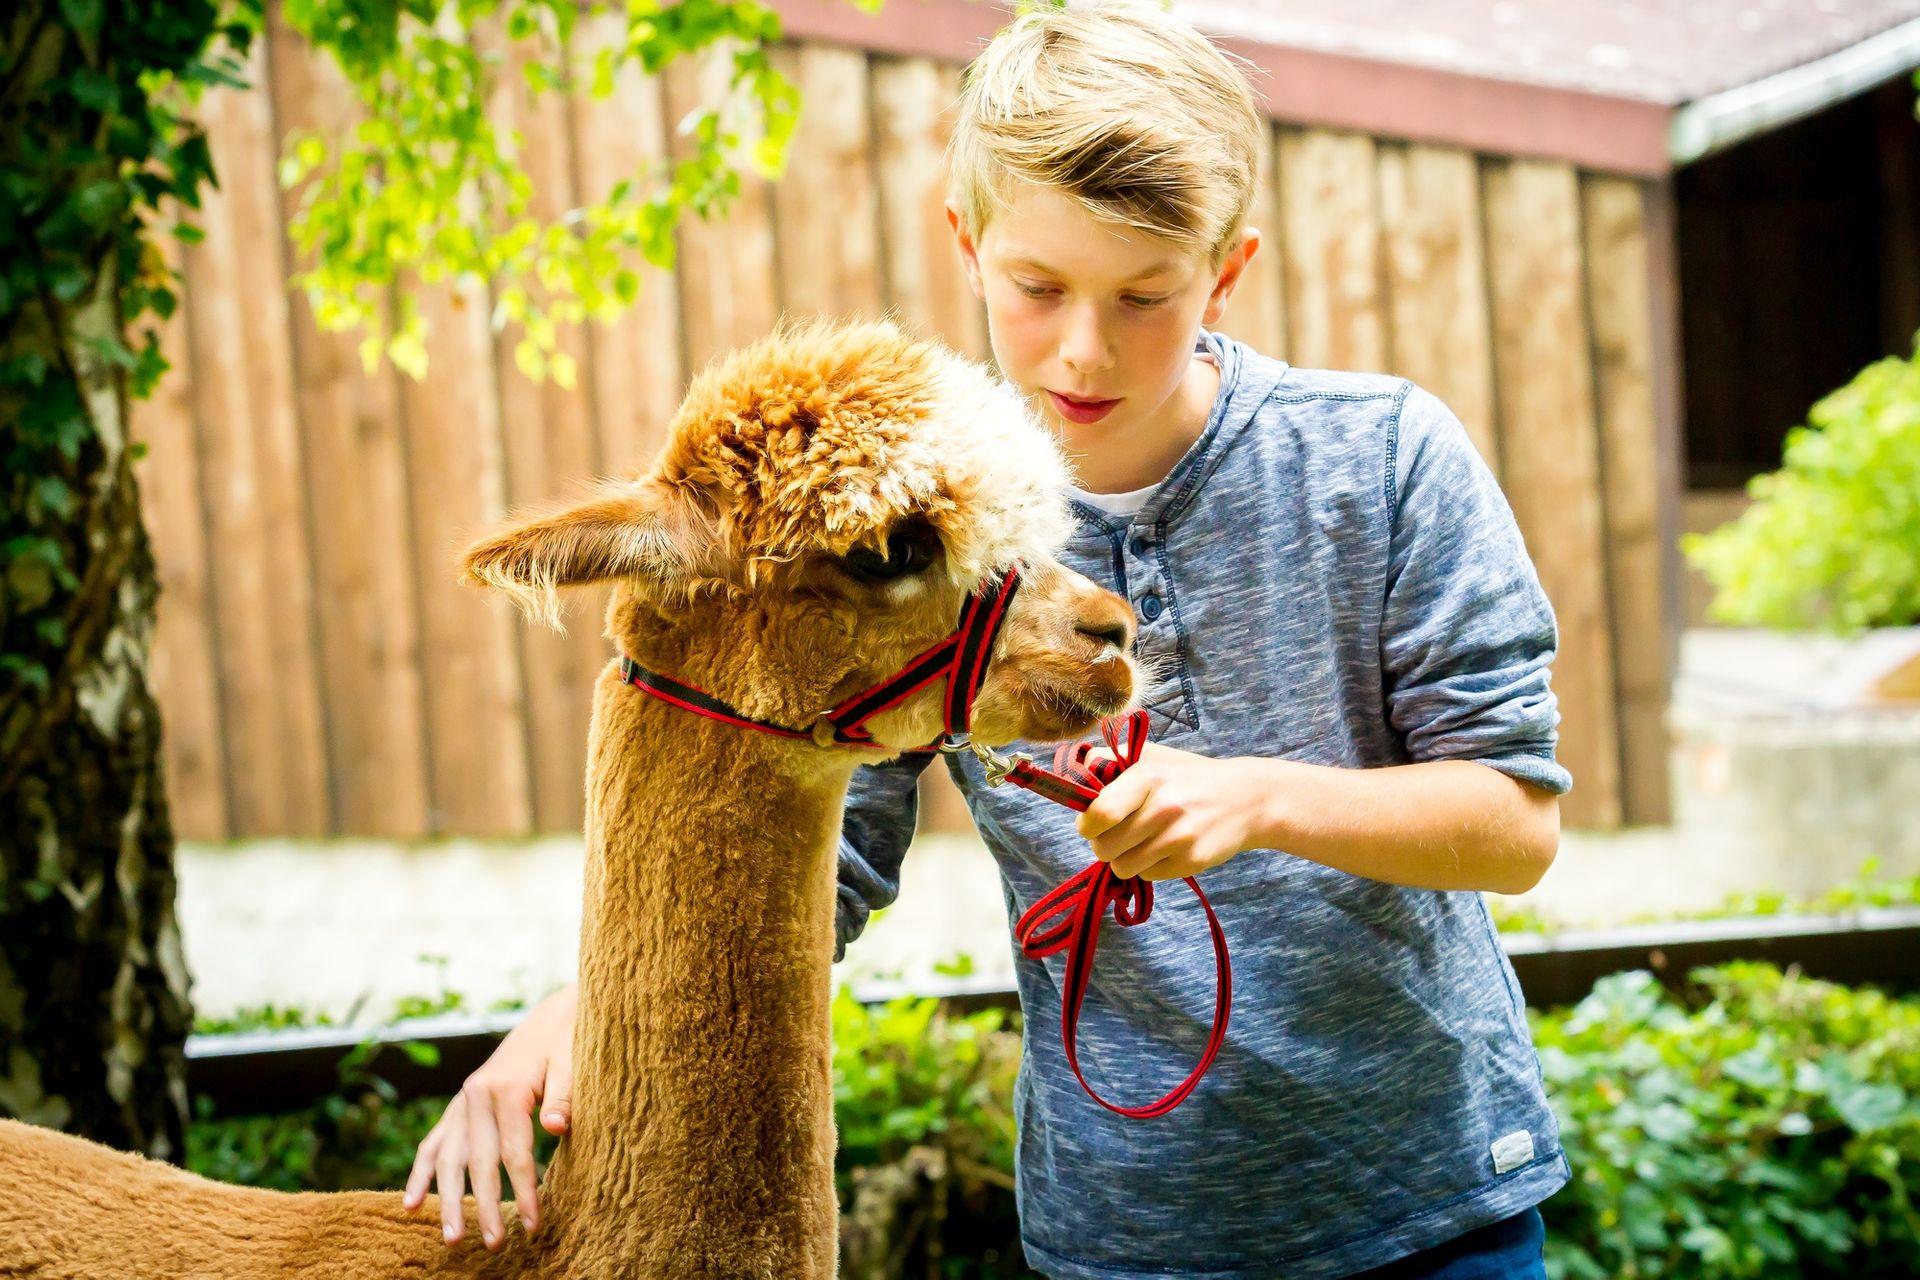 Unsere kleine Tierwelt - Alpakas & mehr beim